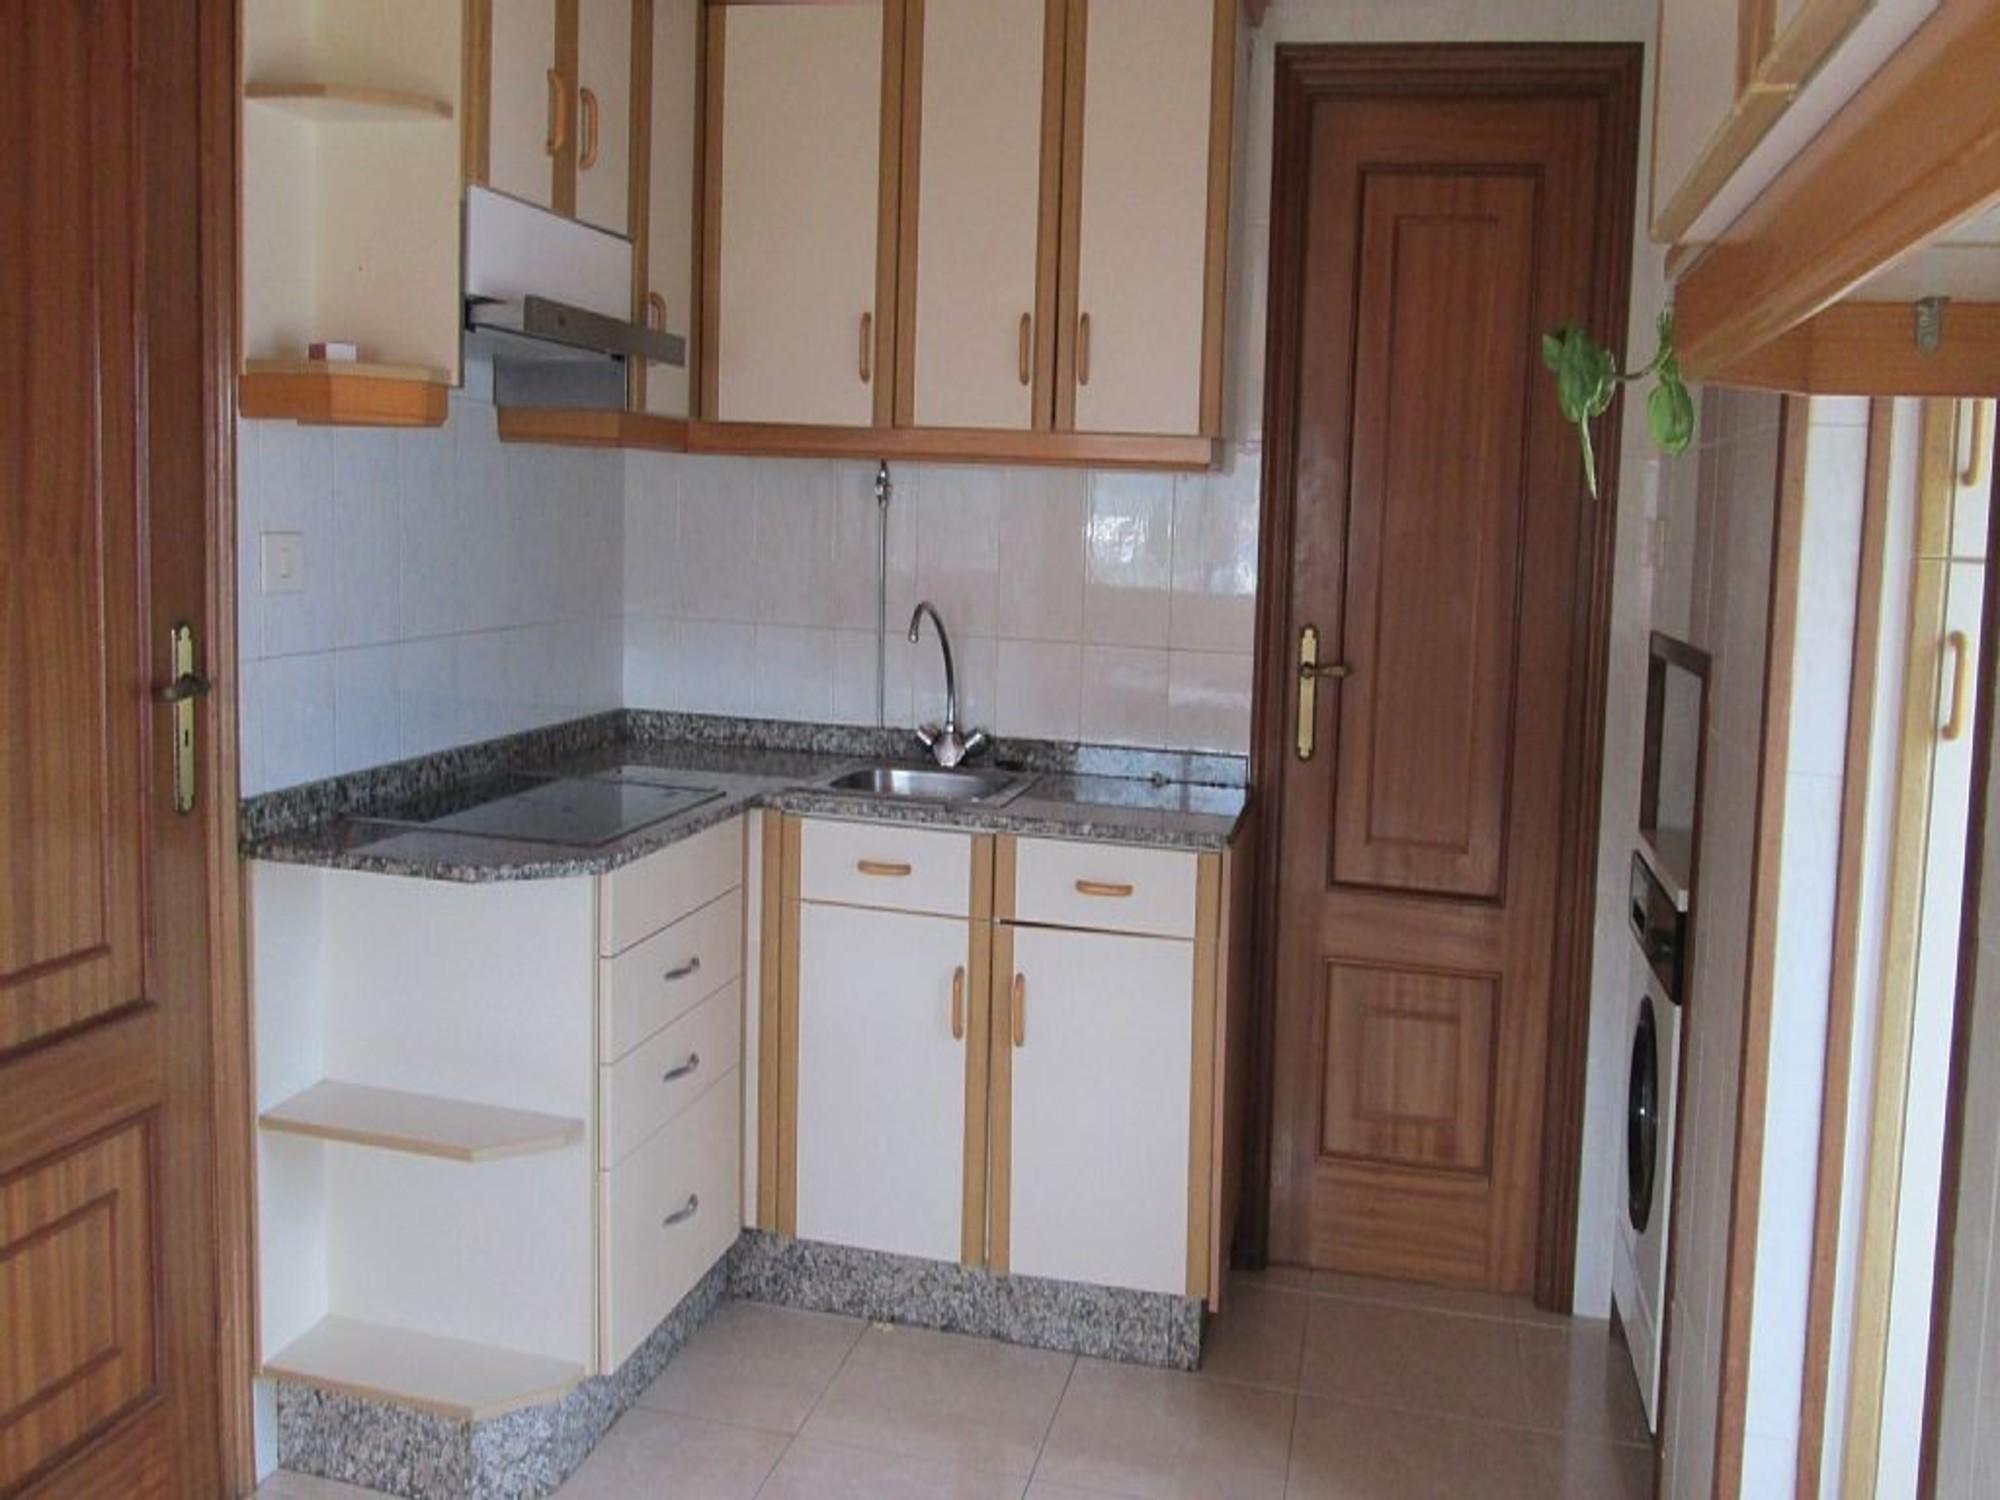 Ferienwohnung Apartment - 3 Bedrooms with WiFi - 100424 (1937594), Bueu, Rias Bajas, Galicien, Spanien, Bild 3